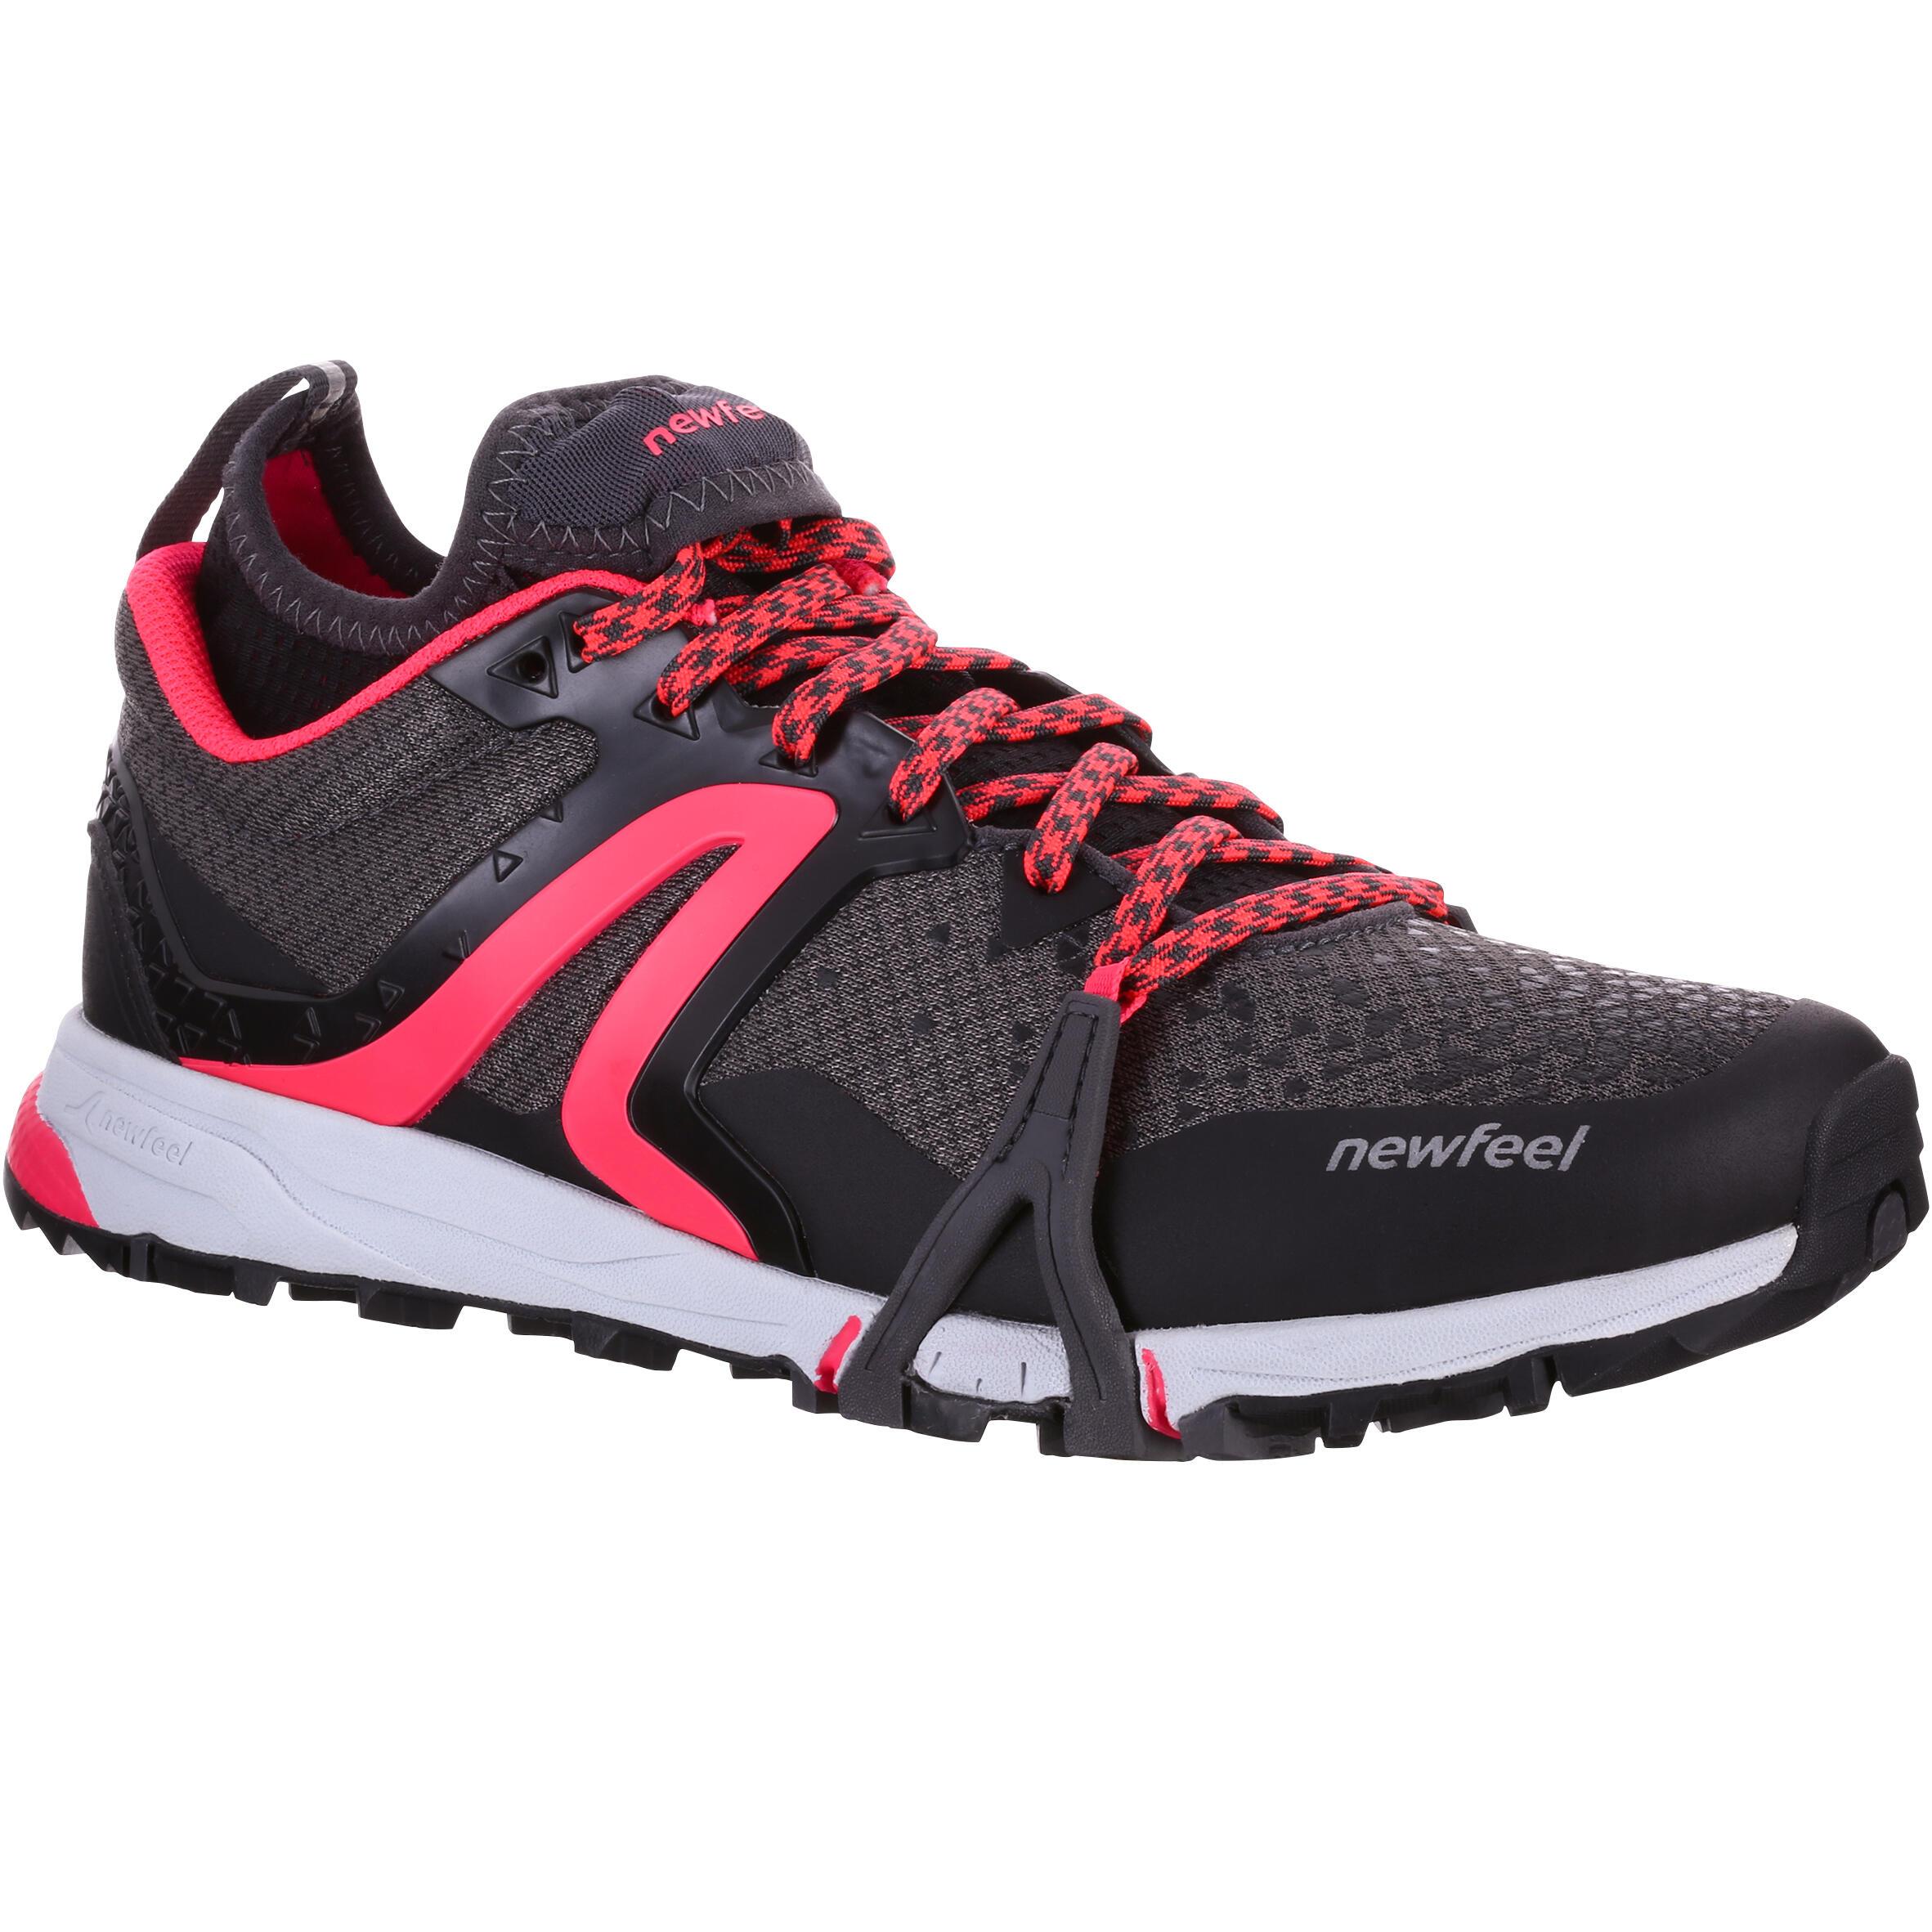 Chaussures de marche nordique femme NW 900 Flex-H noir / rose - Newfeel